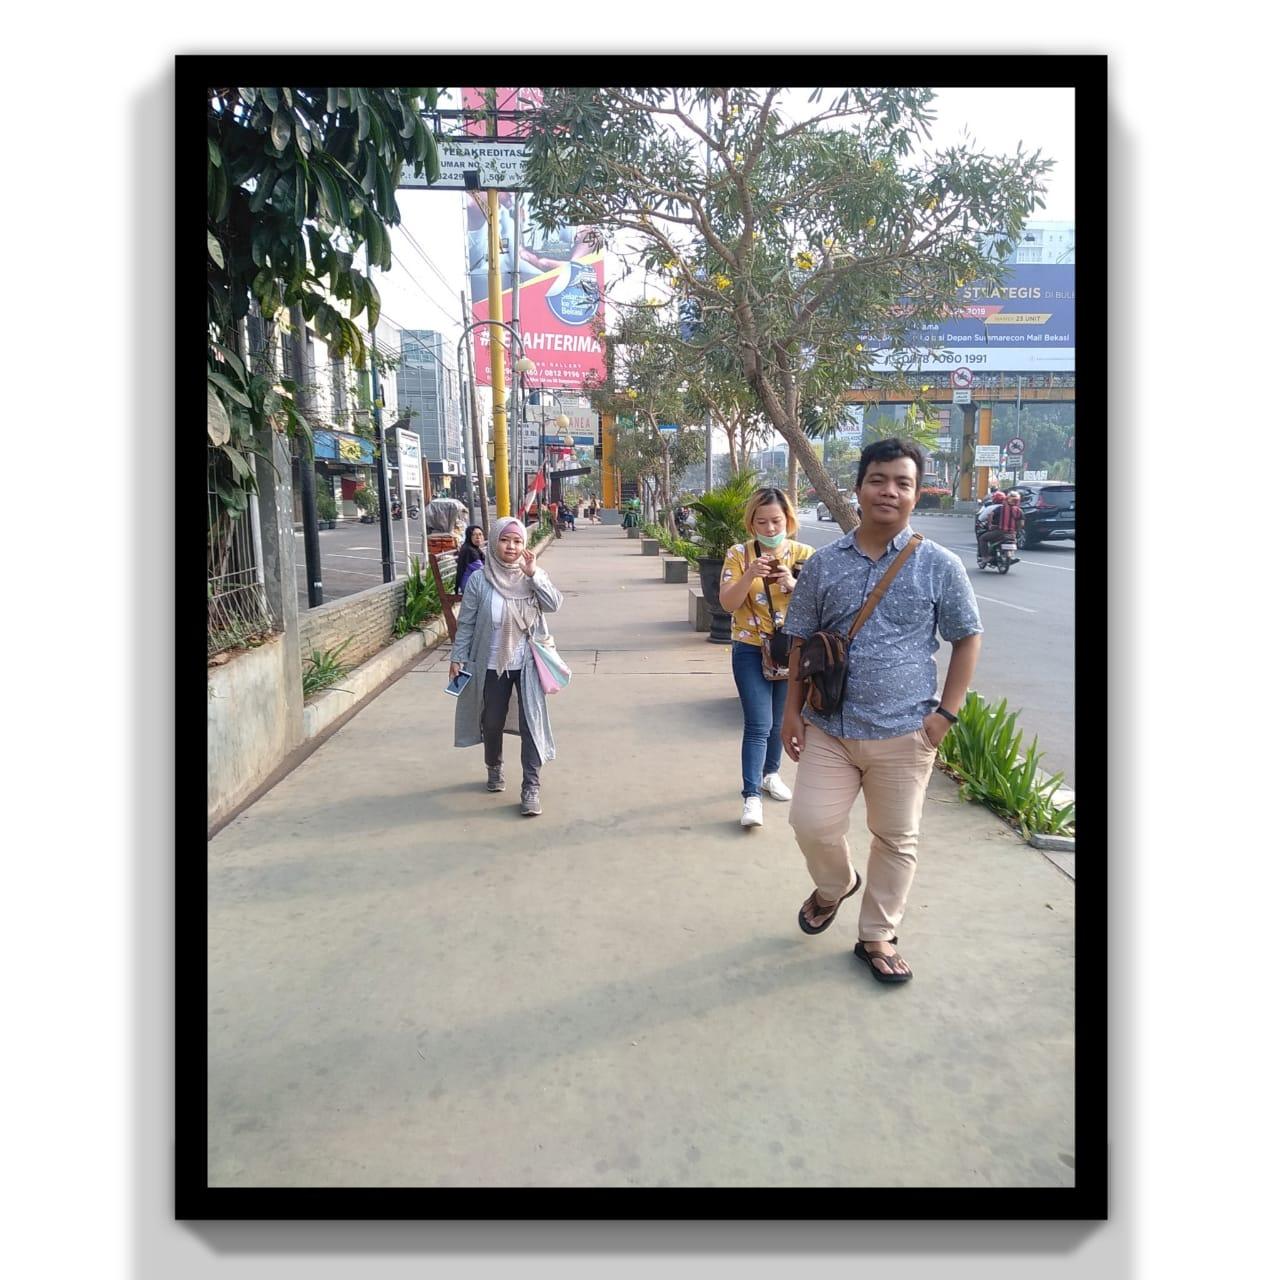 fasilitas bagi pejalan kaki